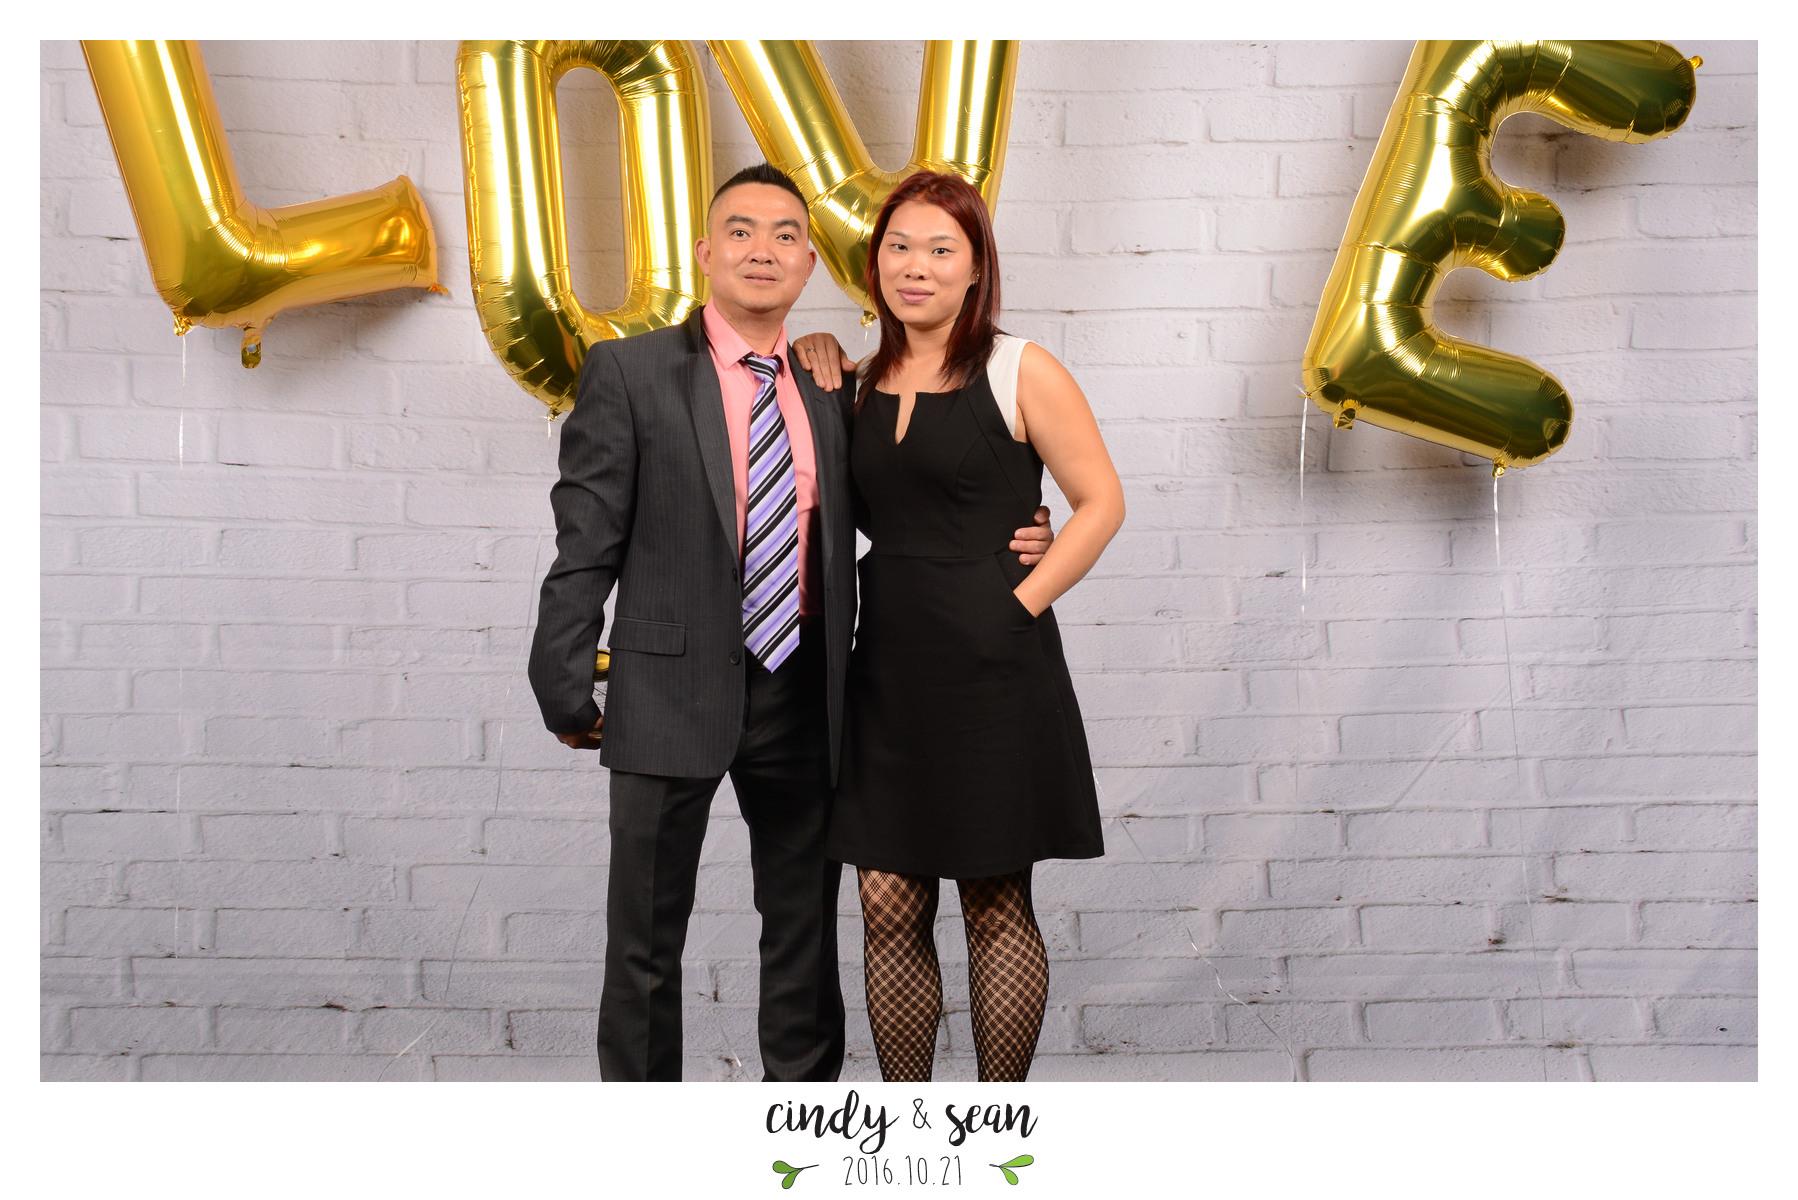 Cindy Sean Bae - 0001-62.jpg